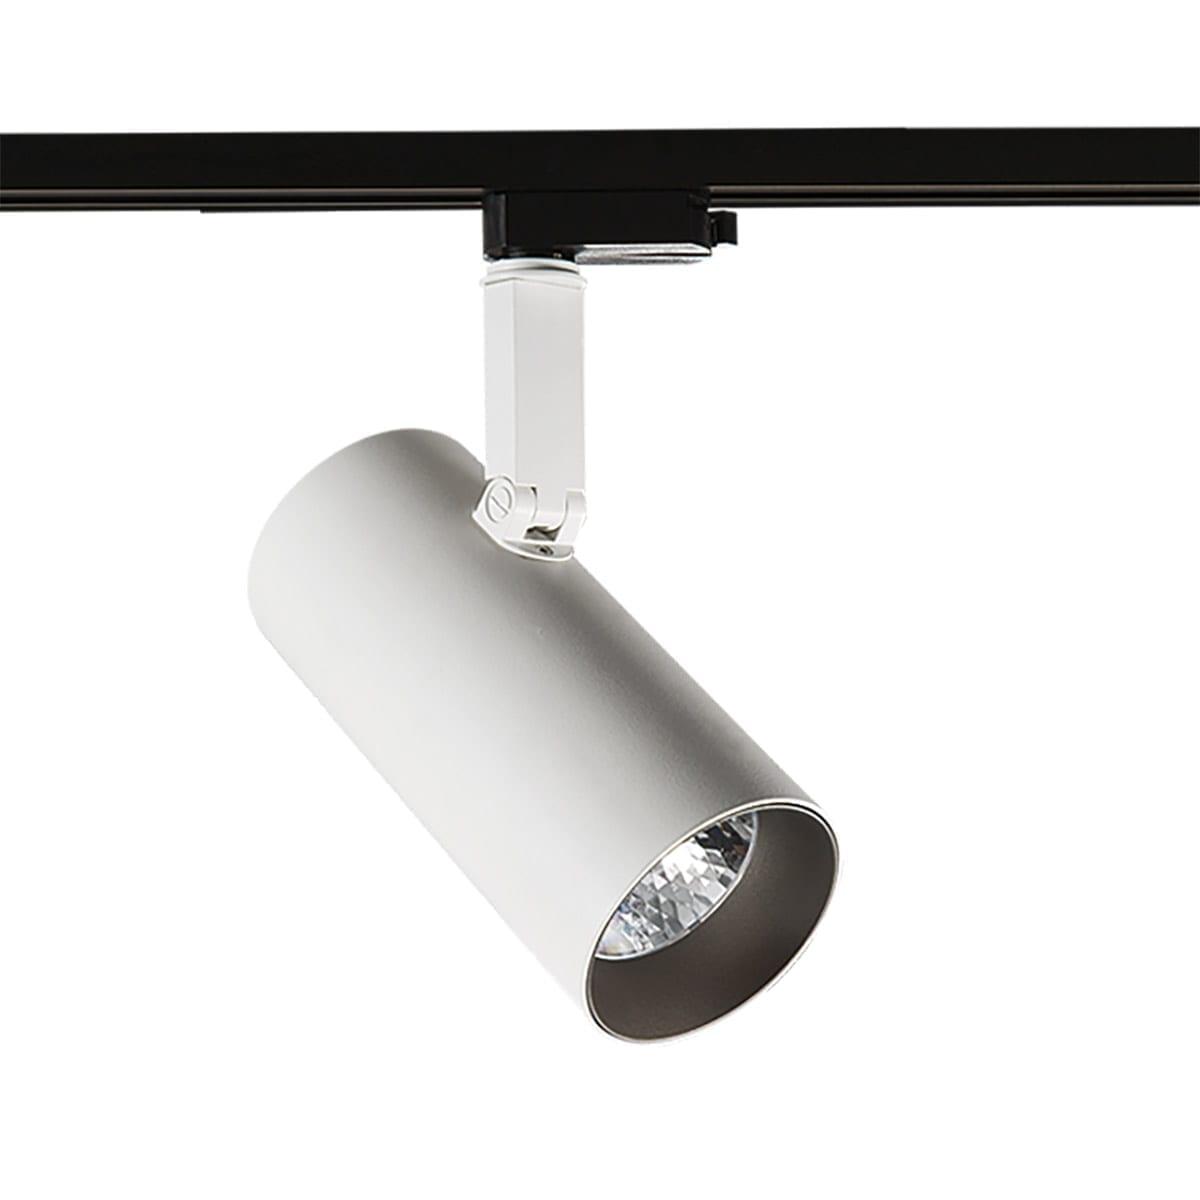 Lubinis kryptinis šviestuvas Russo M 4000K